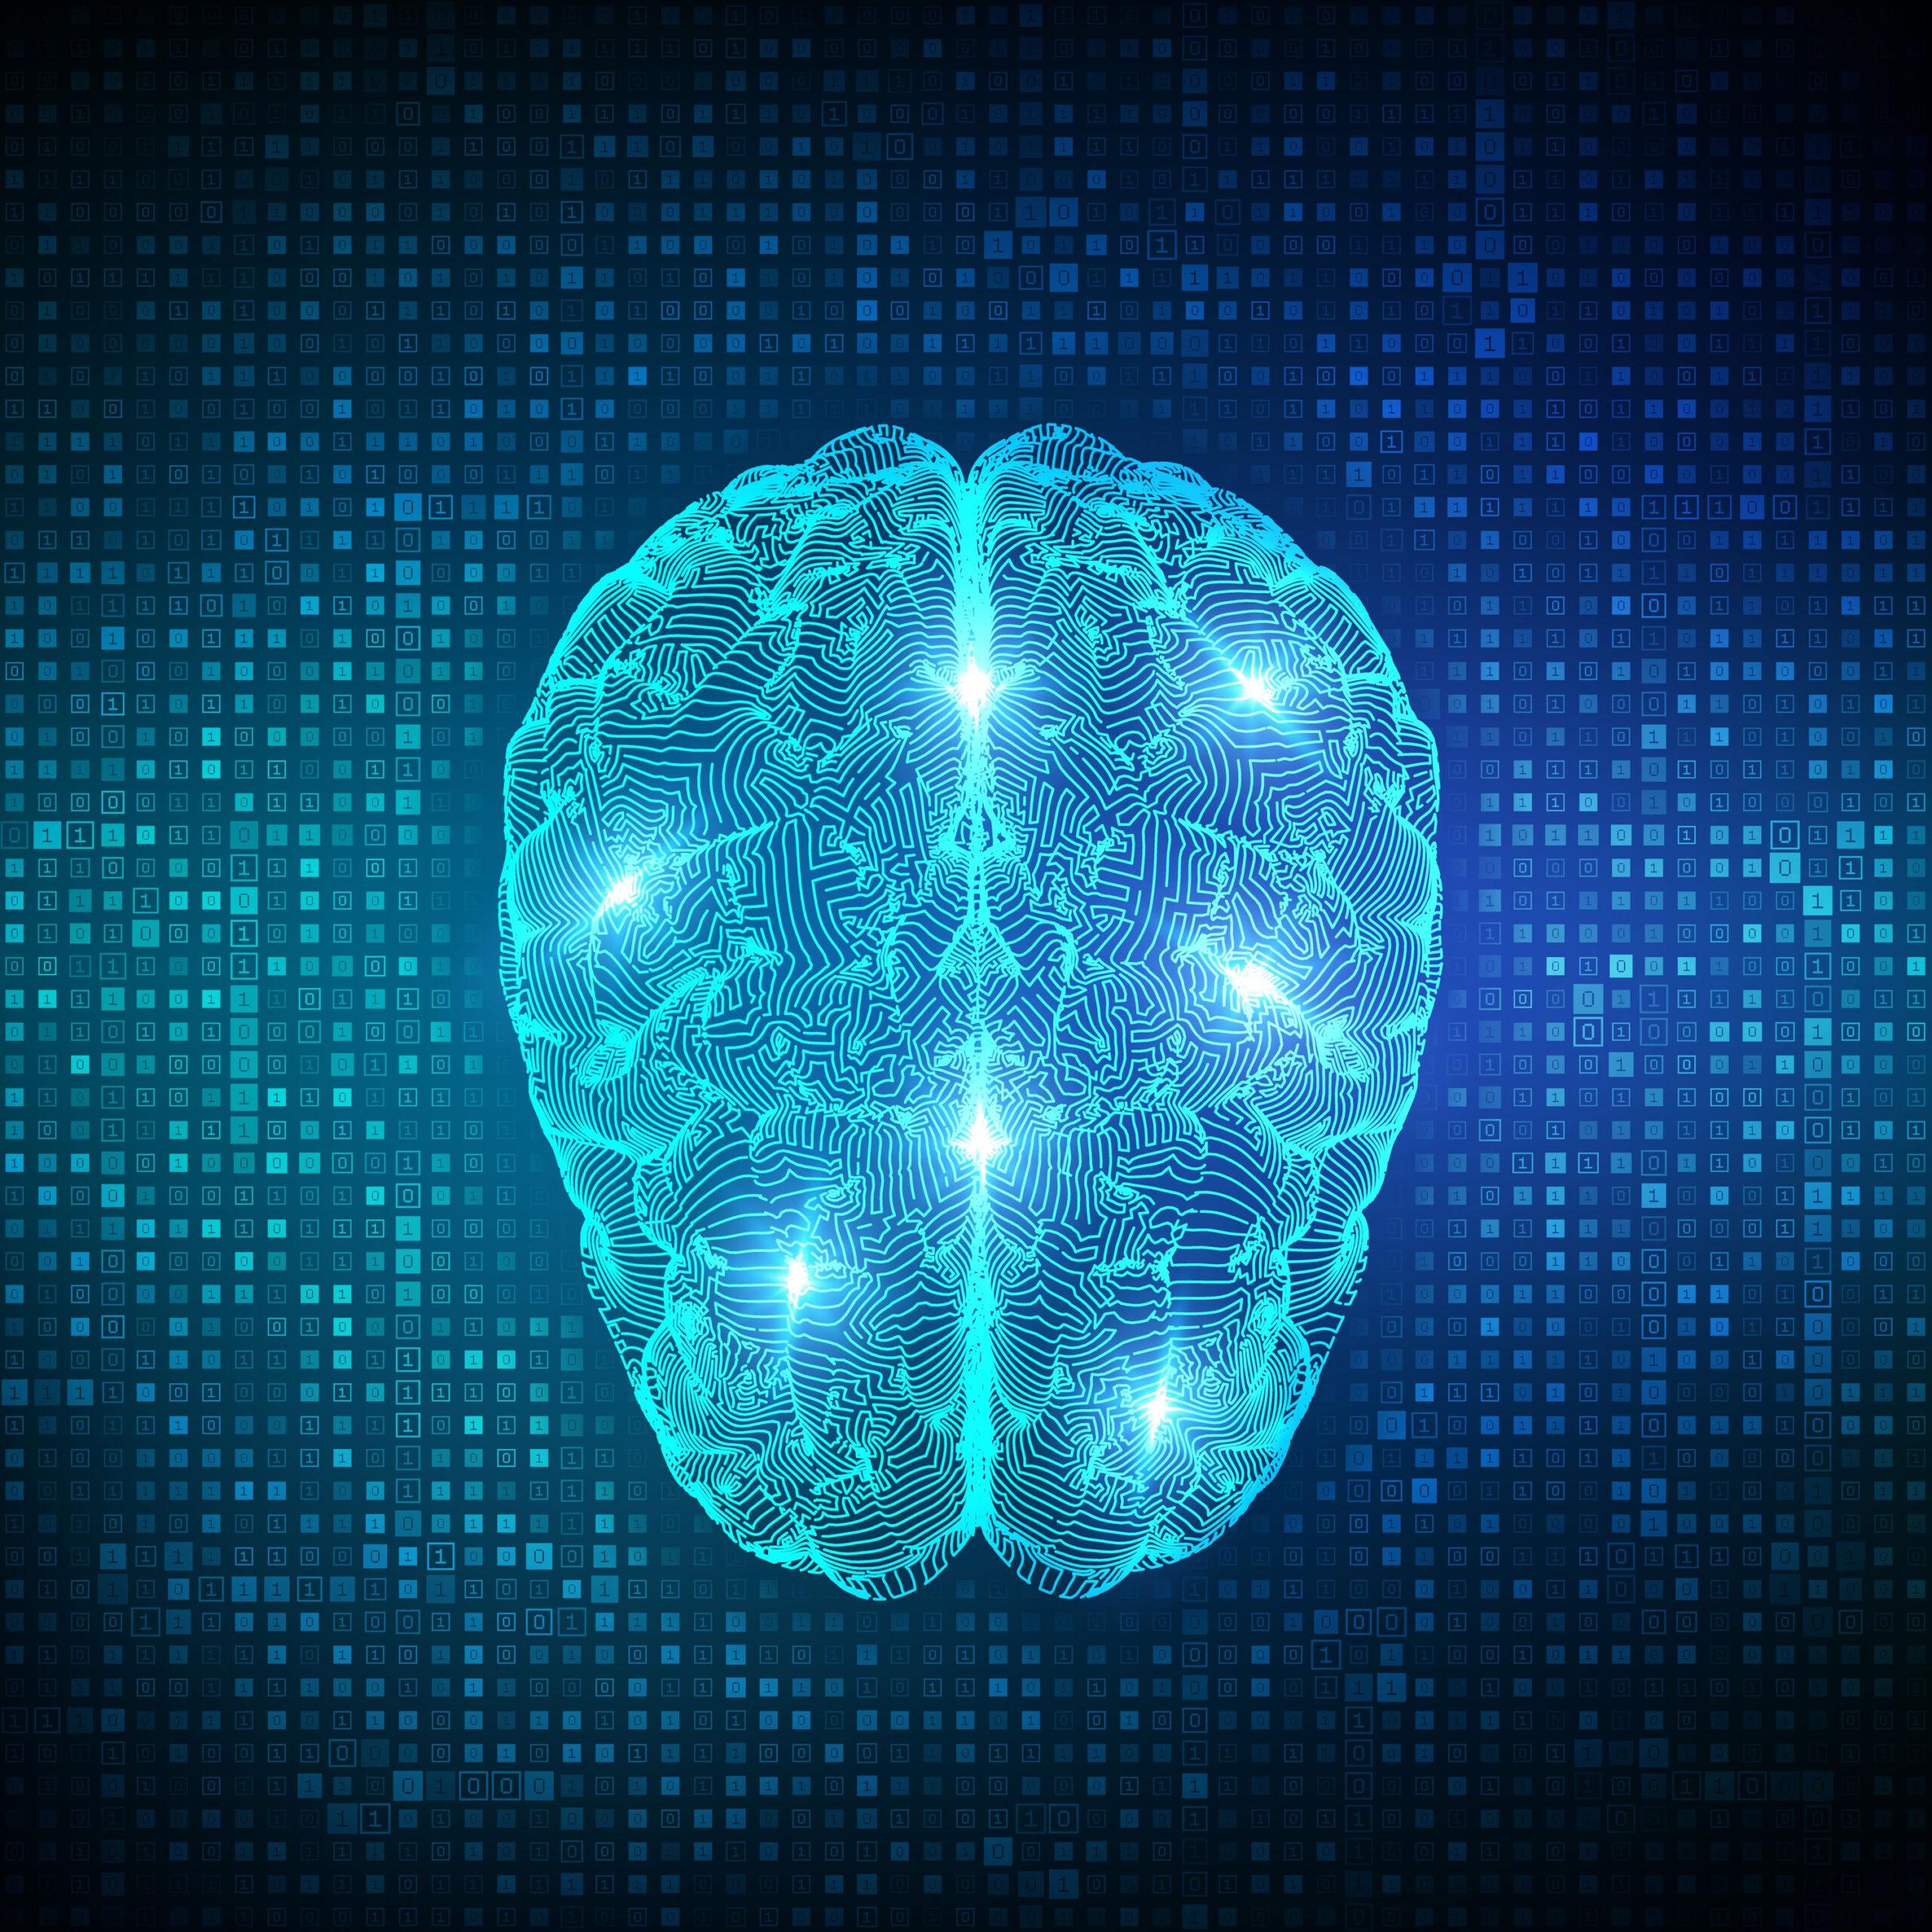 Hvordan forbedre din flytende intelligens hoyere IQ test Mensa